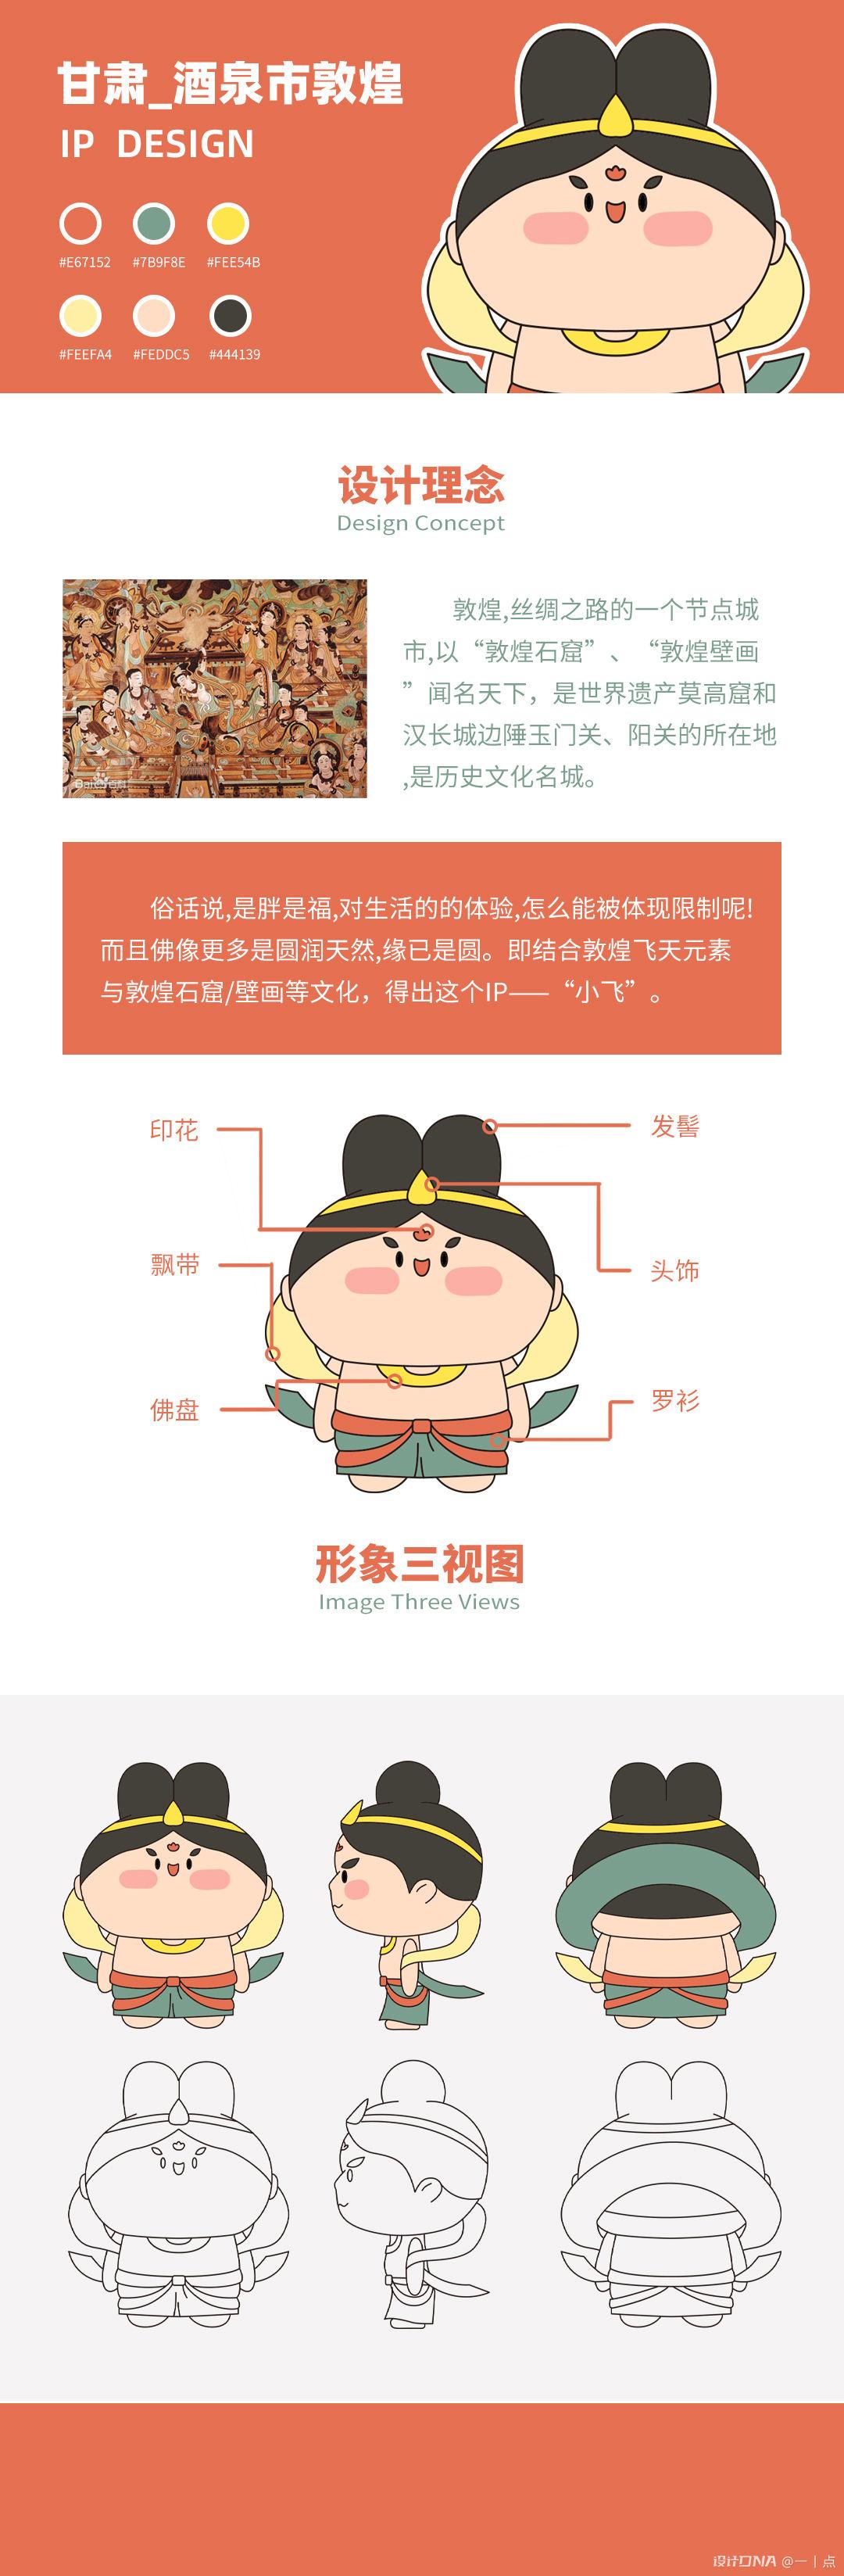 敦煌飞天IP形象设计_小胖 图1